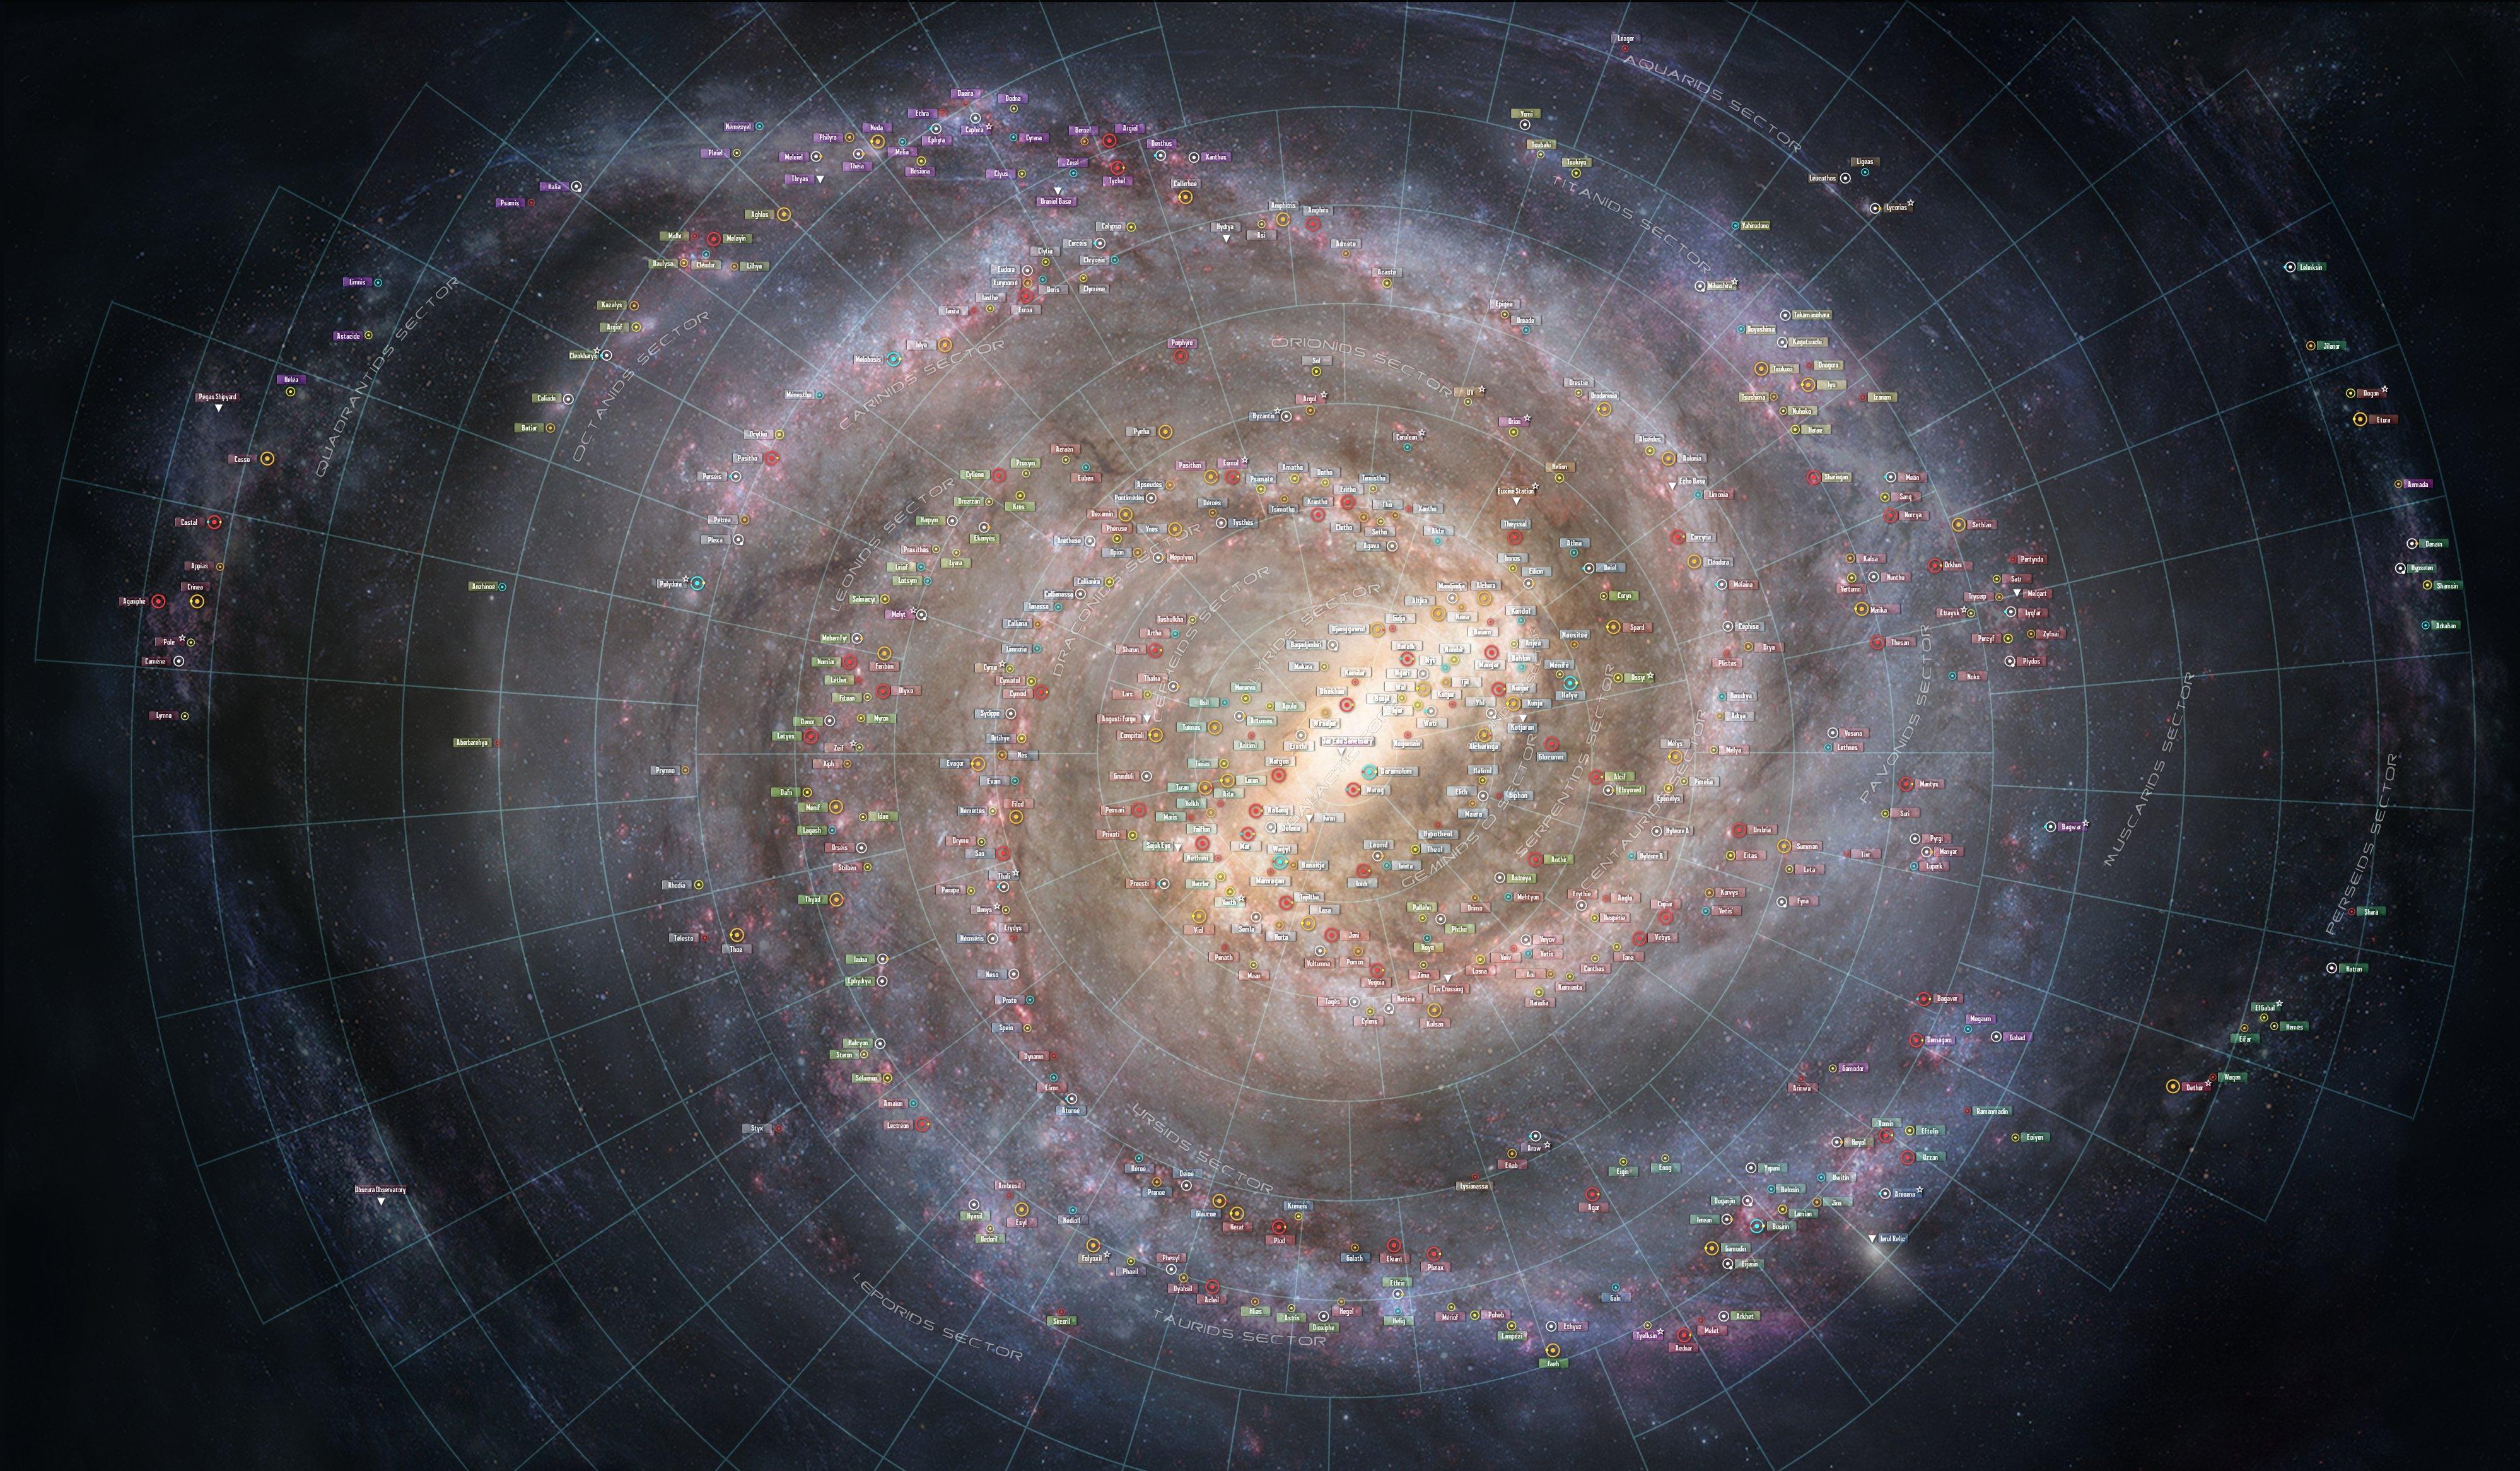 Galaxy gridoff